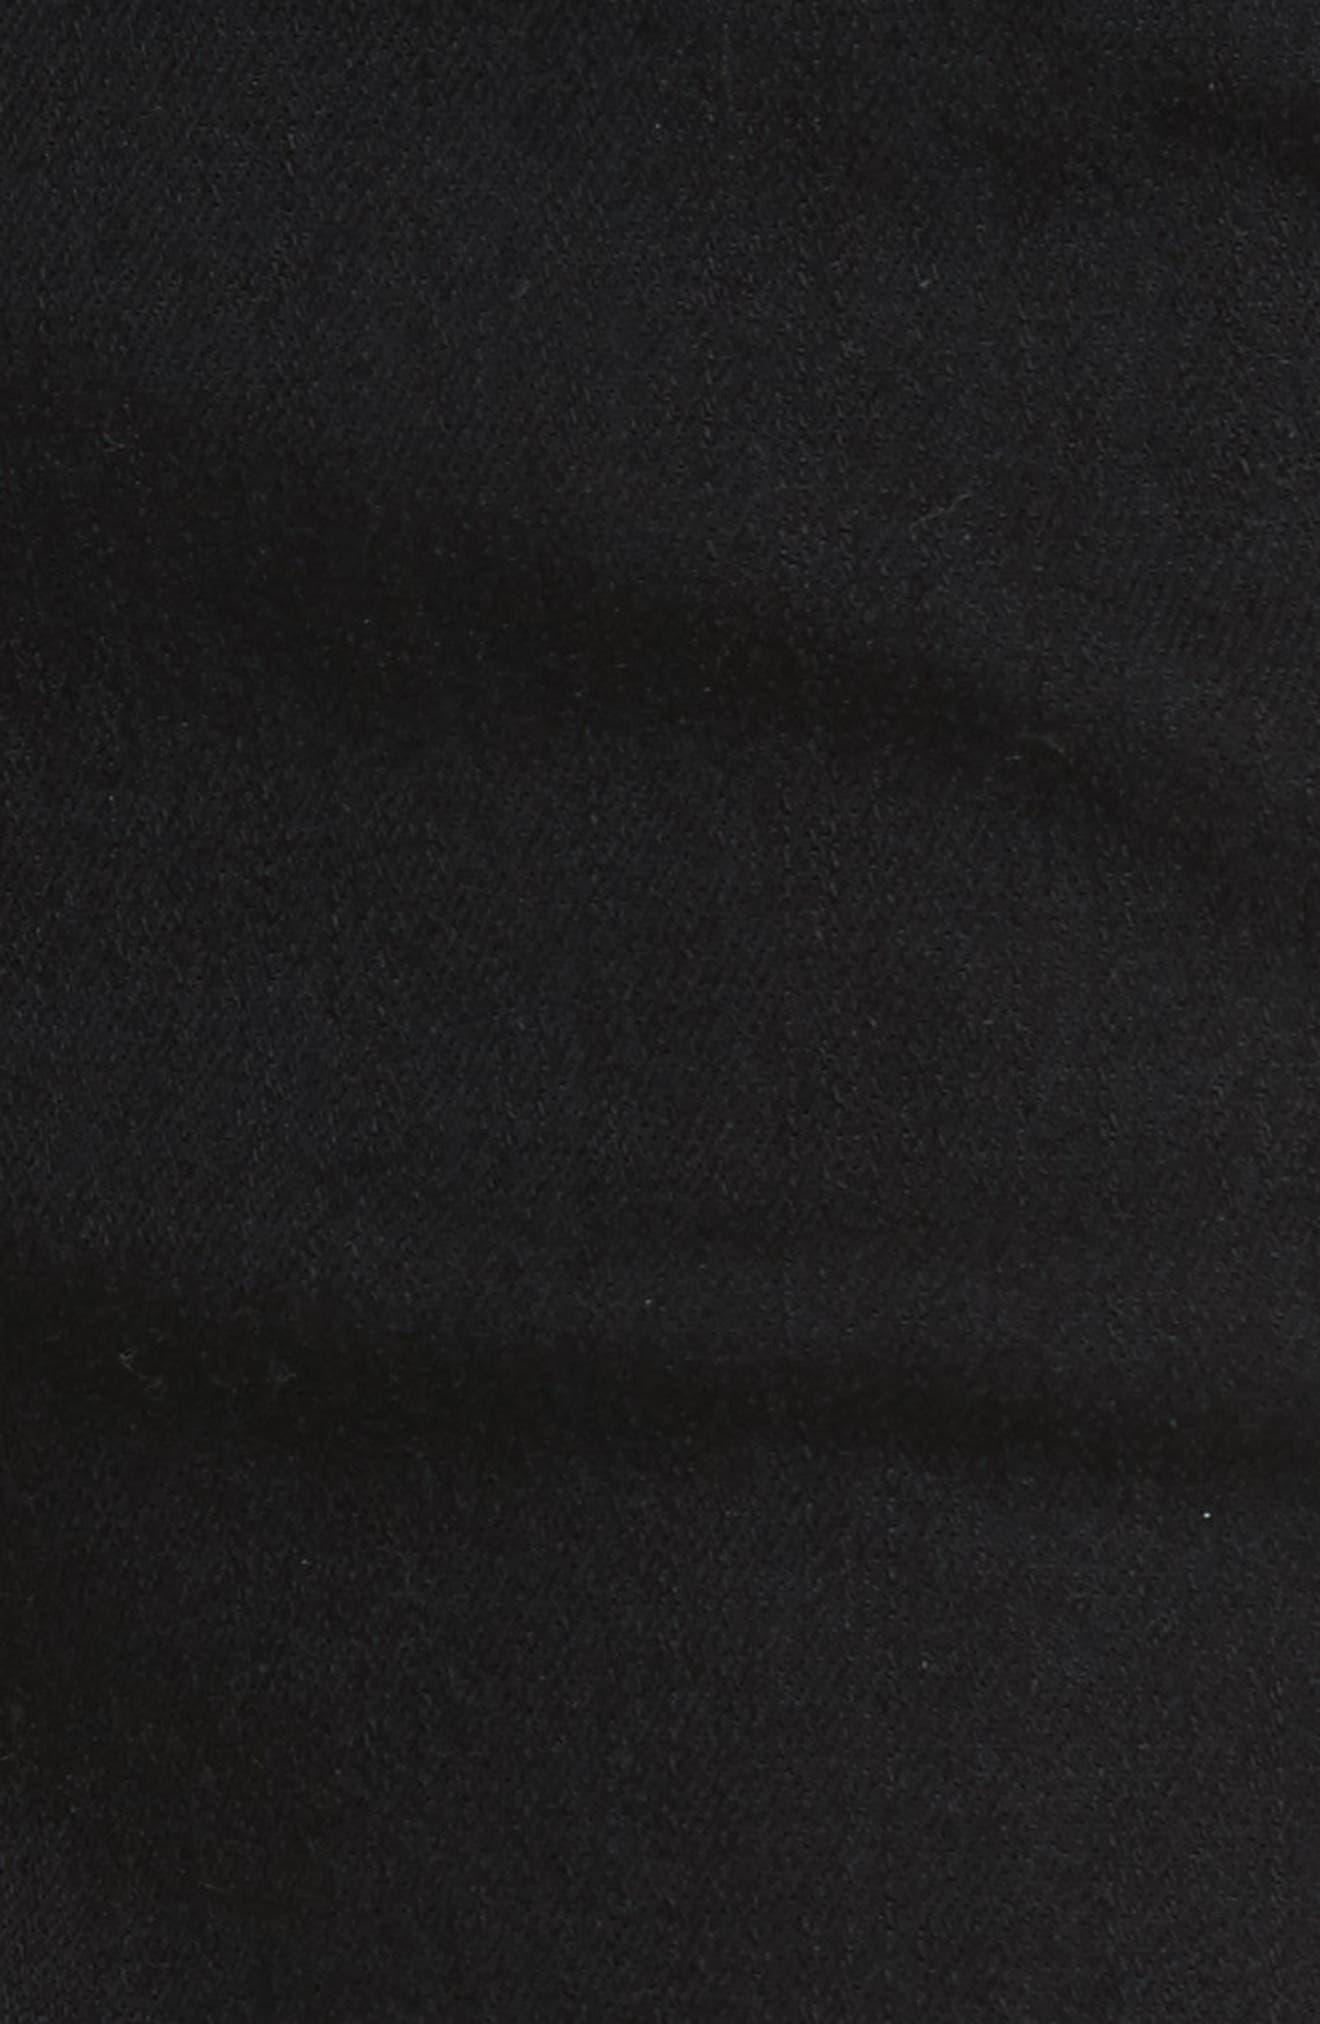 W4 Adeline High Waist Split Flare Jeans,                             Alternate thumbnail 5, color,                             001